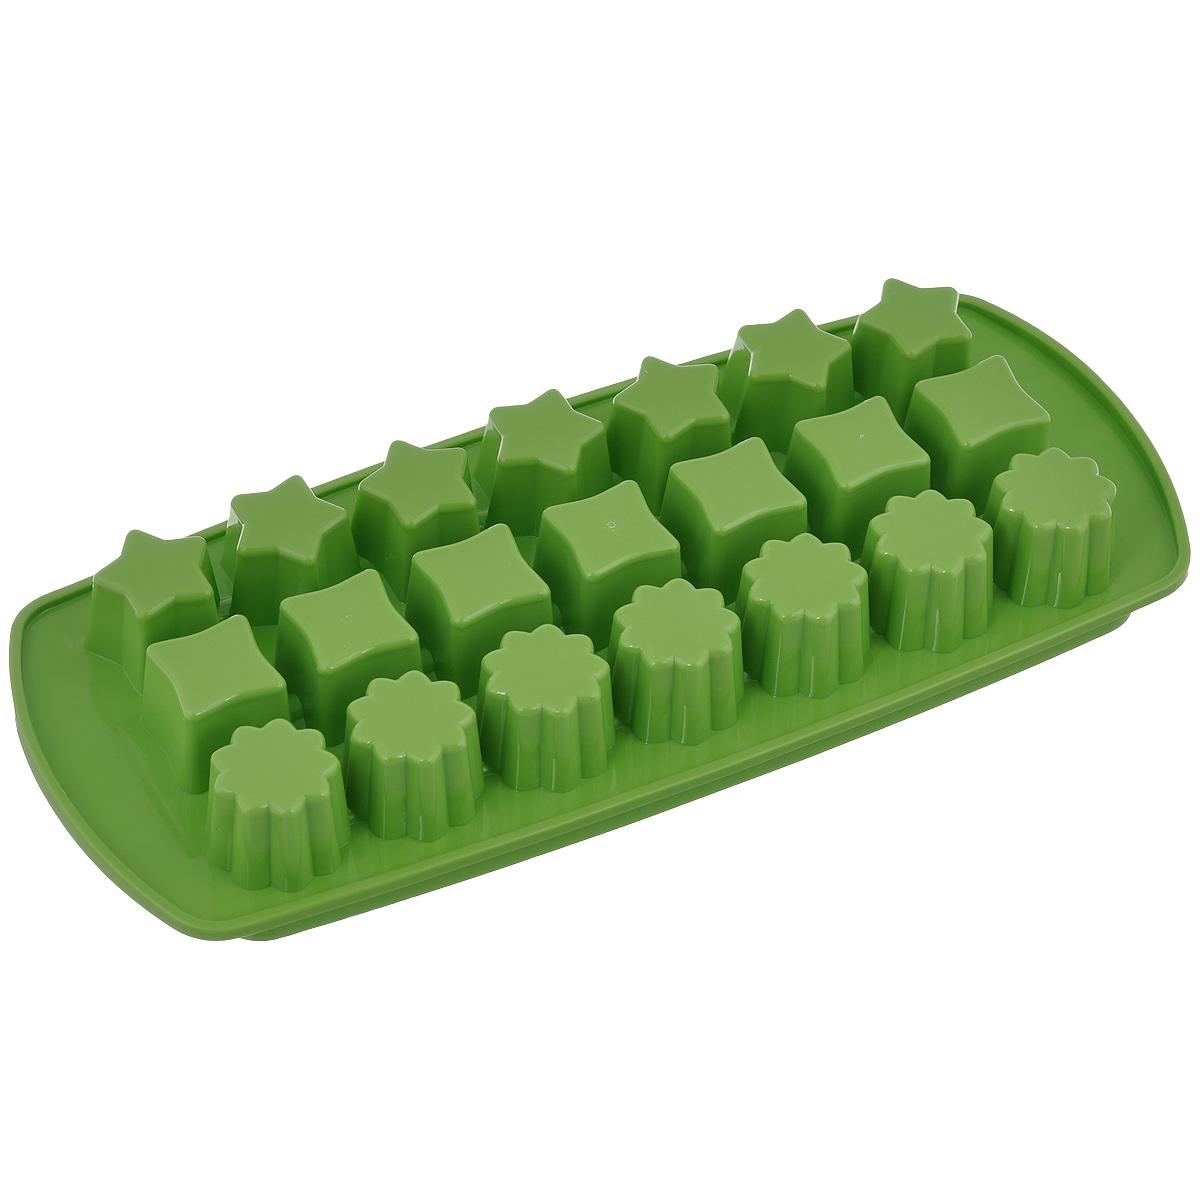 Форма для льда Tescomа Presto, цвет: зеленый, 21 ячейка420706_зеленыйФорма для льда Tescoma Presto выполнена из прочного пластика. За один раз вы можете приготовить 21 кубик льда. Теперь на смену традиционным квадратным пришли новые оригинальные формы для приготовления фигурного льда, которыми можно не только охладить, но и украсить любой напиток. В формочки при заморозке воды можно помещать ягодки, такие льдинки не только оживят коктейль, но и добавят радостного настроения гостям на празднике!Общий размер формы: 27 см х 11,5 см х 3 см. Средний размер ячейки: 2,5 см х 2,5 см. Количество ячеек: 21 шт.